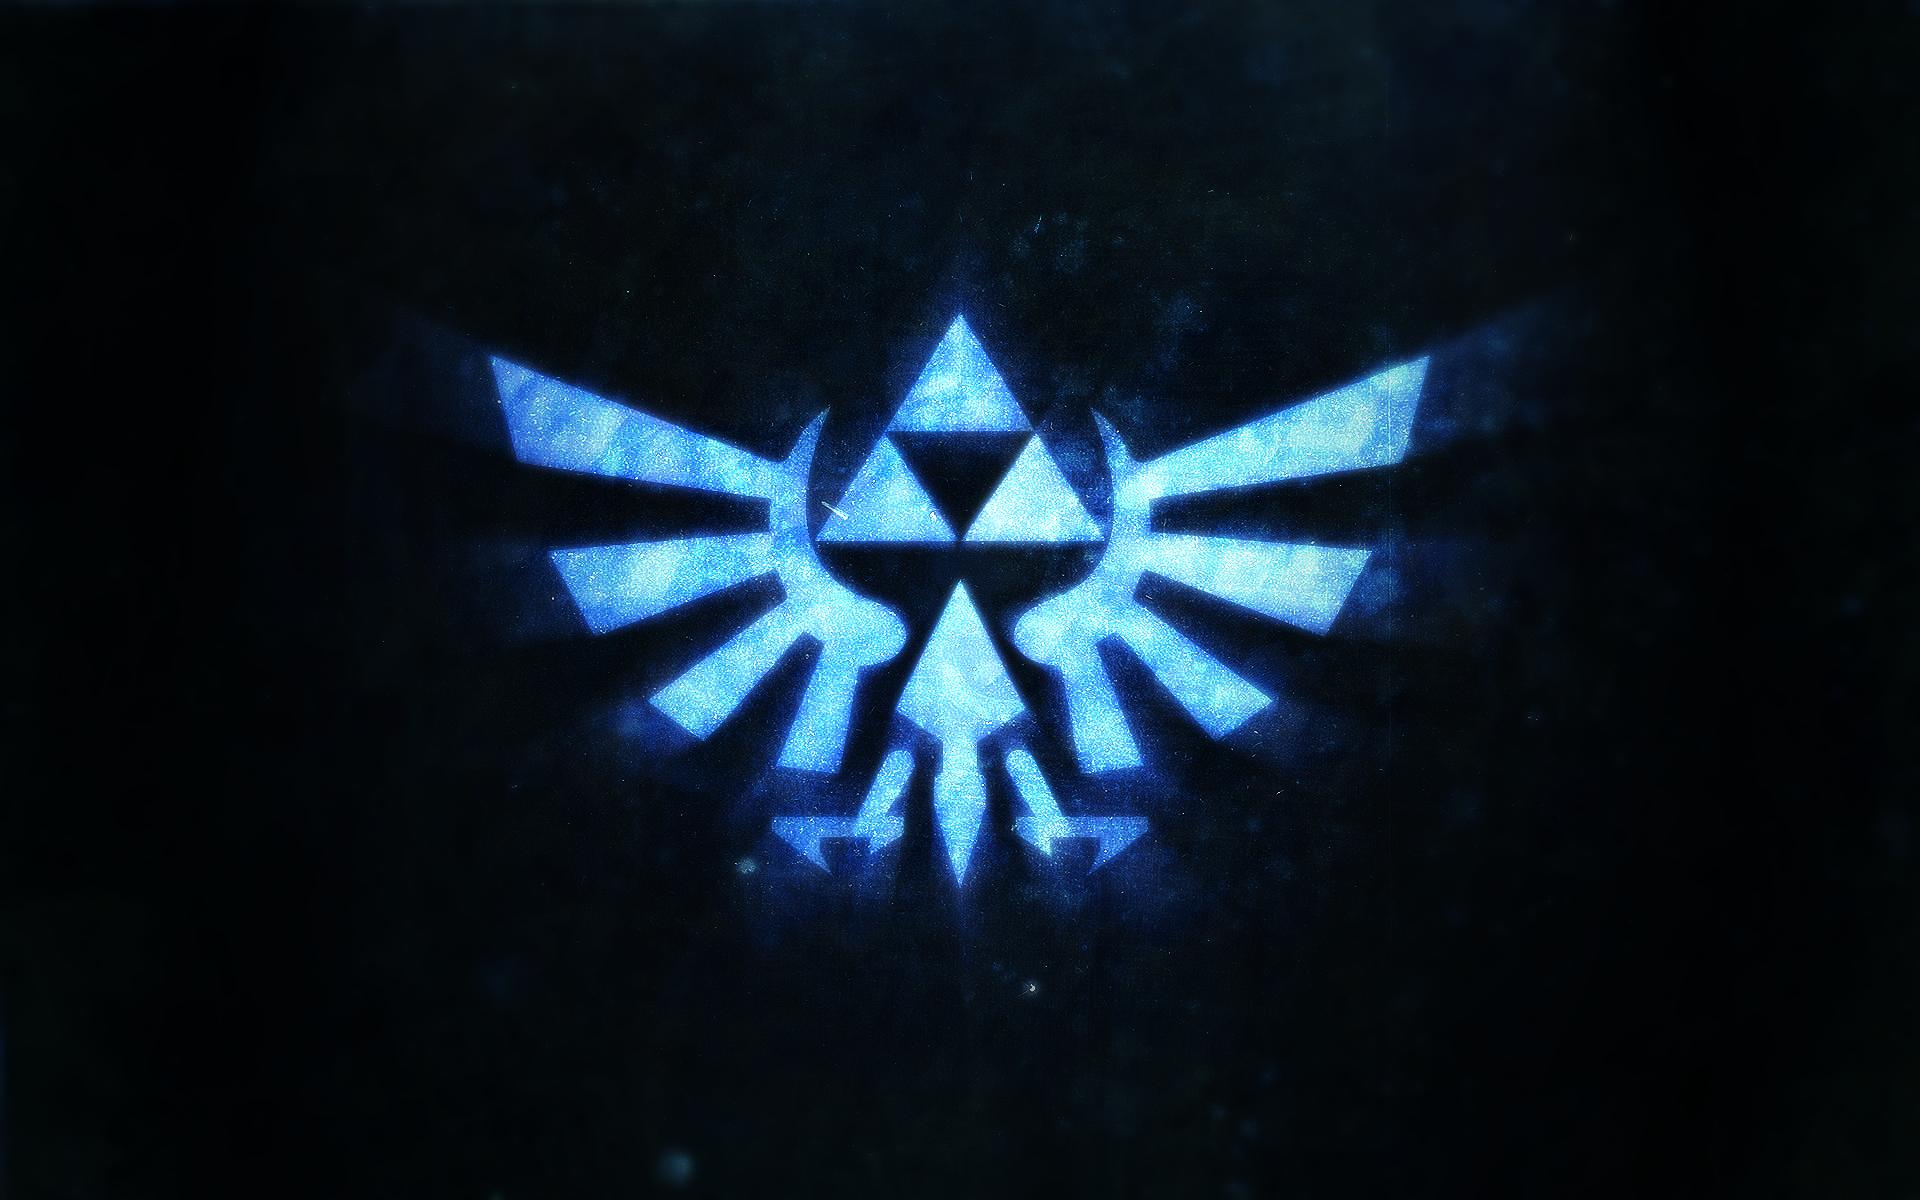 Legend of Zelda Wallpaper HD - WallpaperSafari